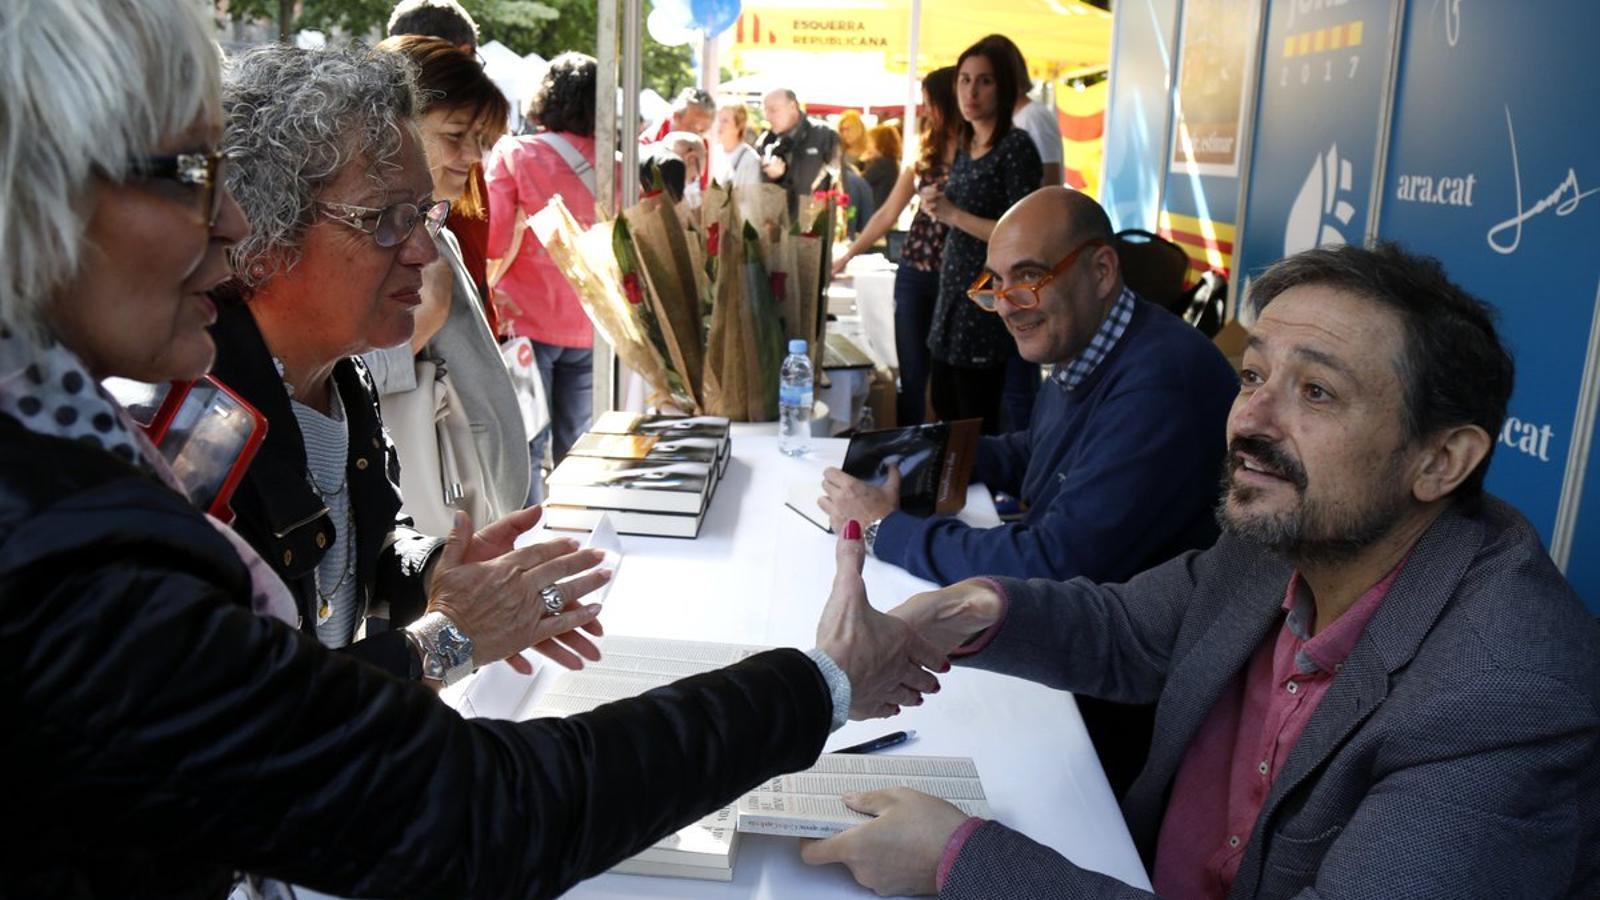 Carles Capdevila i Xavier Bosch coincideixen a la parada de l'ARA